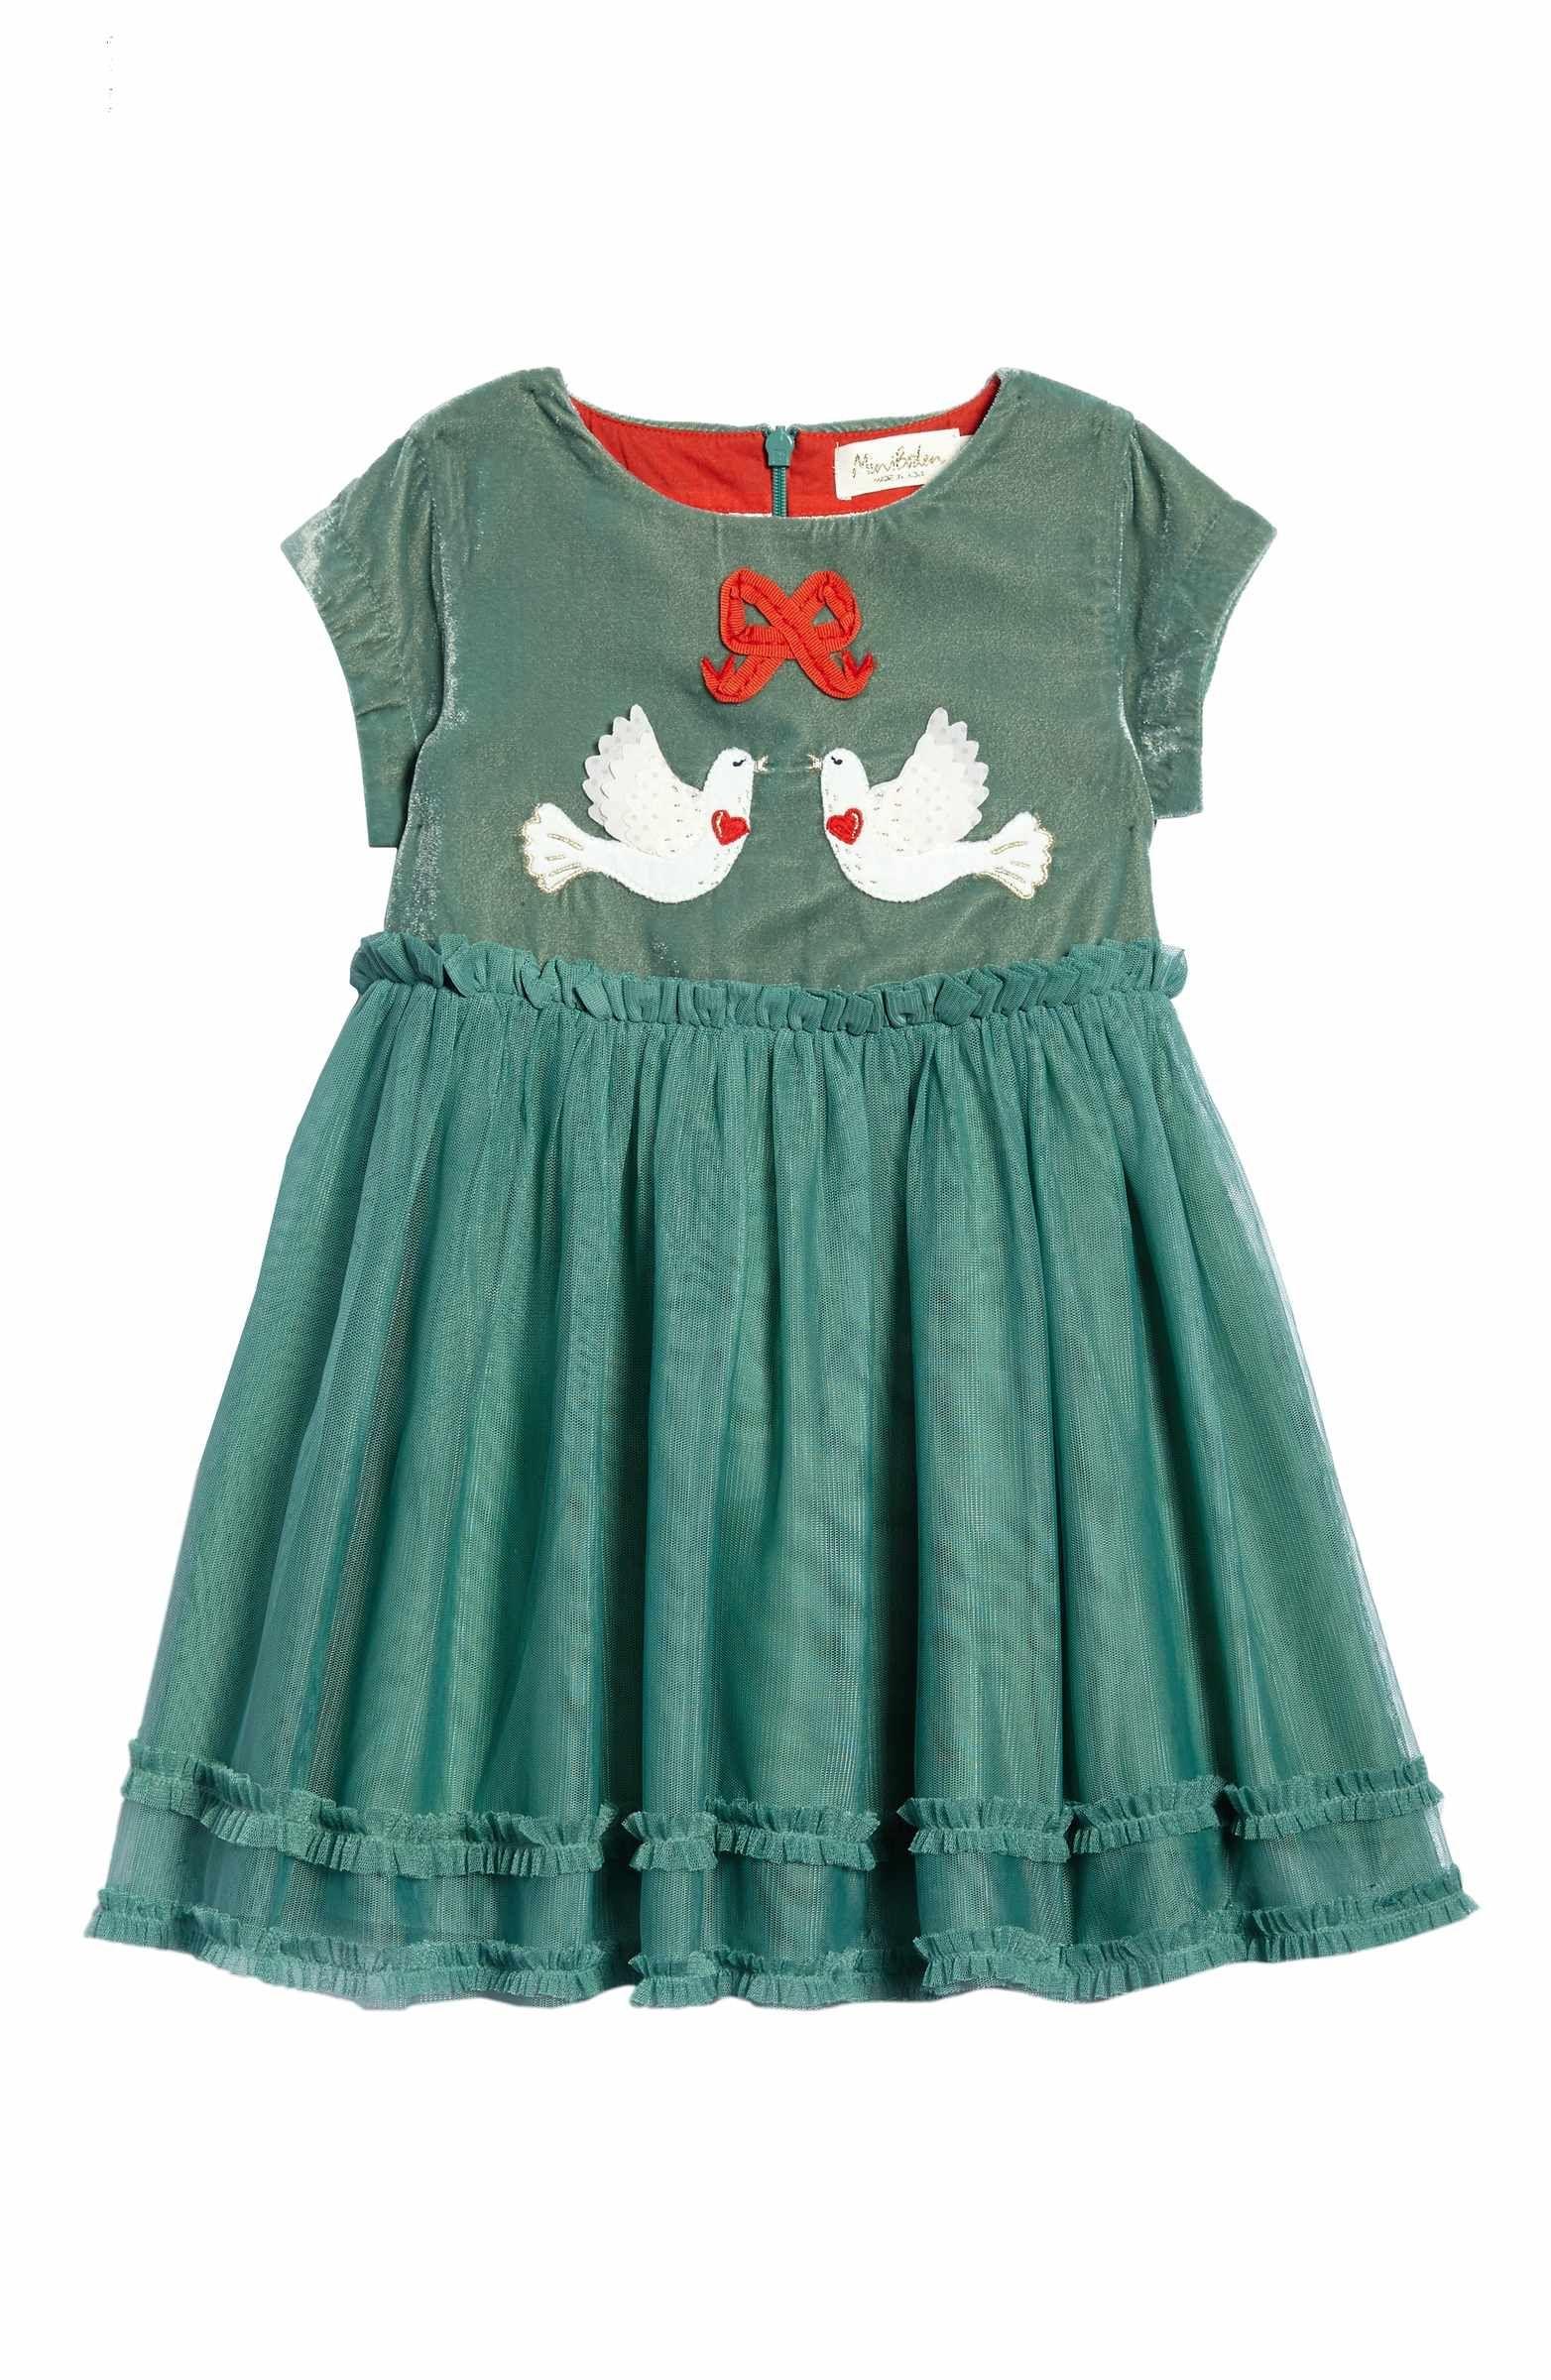 c1379bd20dfb Main Image - Mini Boden Appliqué Velvet Dress (Toddler Girls